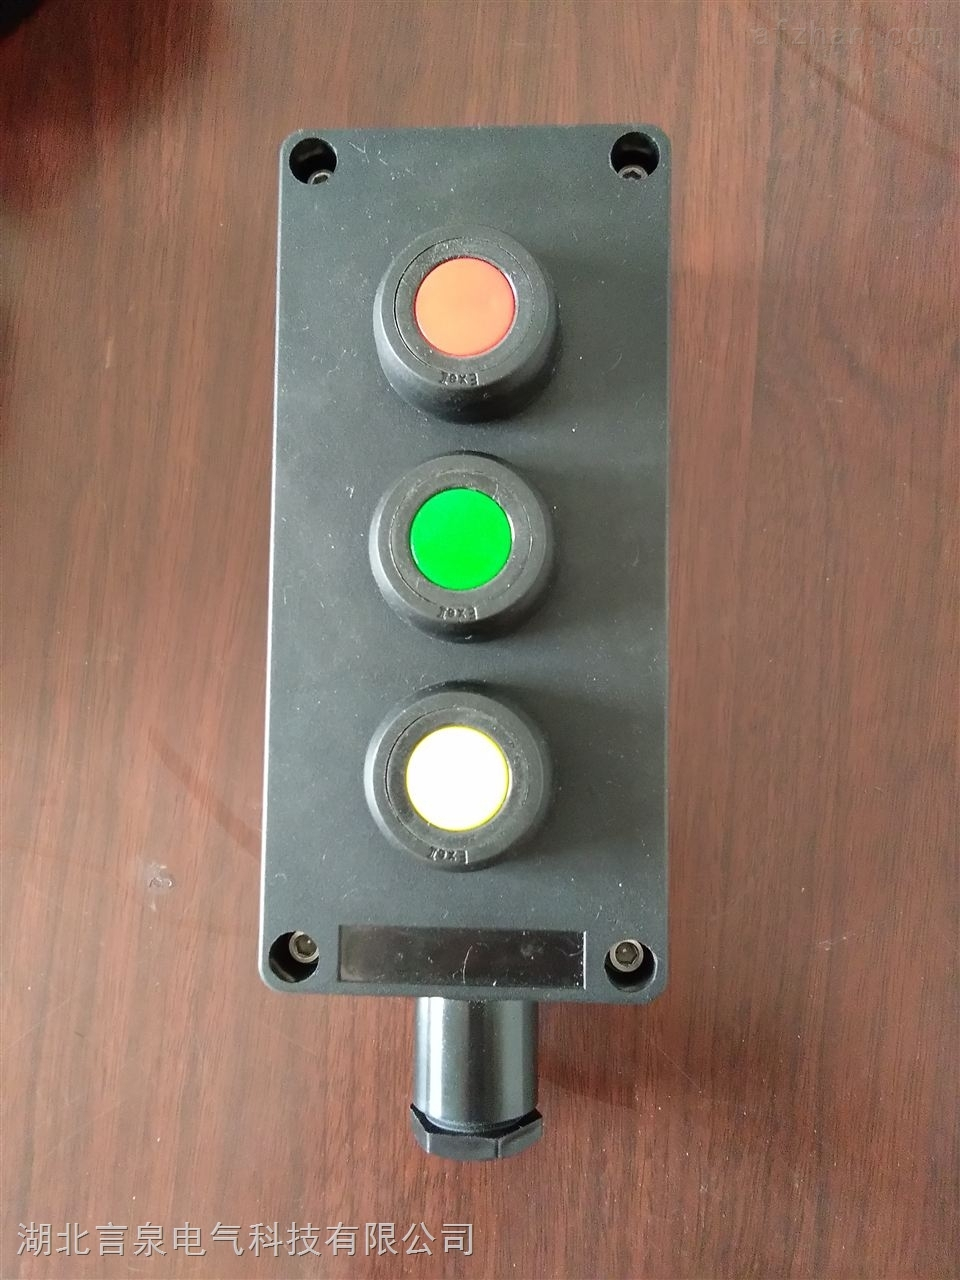 bza8050-a3-双按钮启动停止开关bza8050-a3防爆防腐